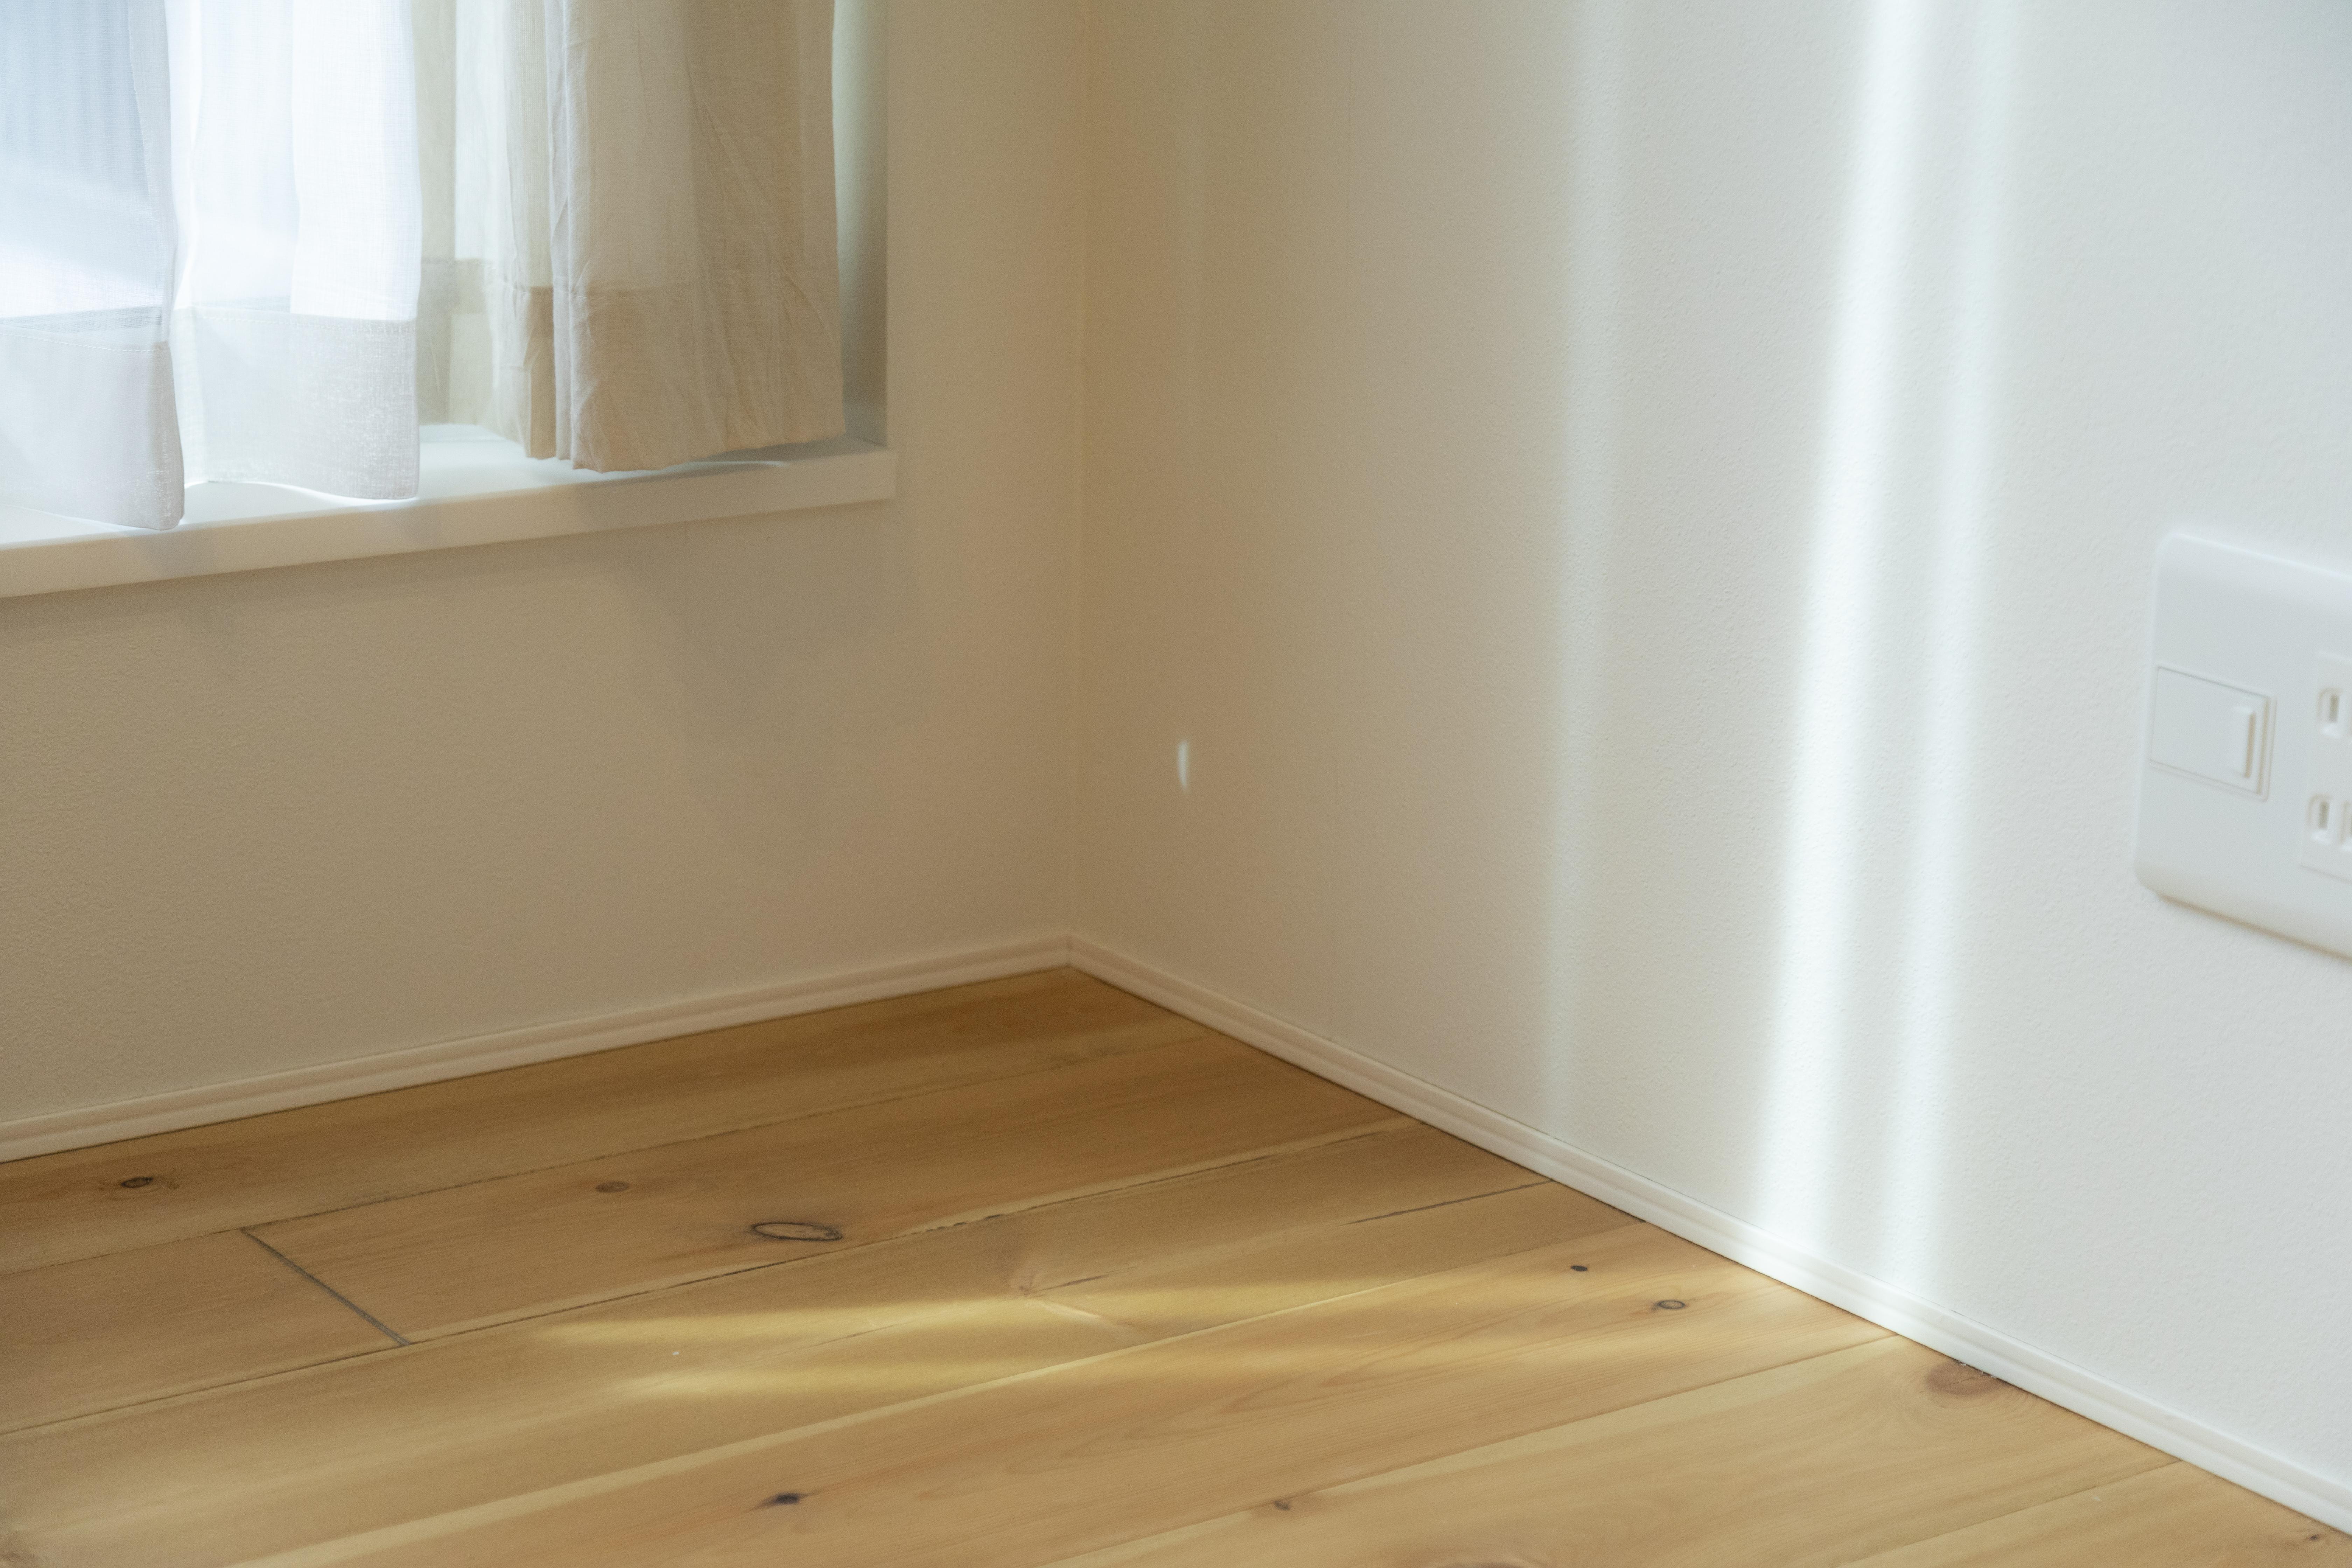 アトリエプラス【収納力、自然素材、間取り】各居室をすっきりとしたデザインに仕上げながらも、木のぬくもりを感じられるあたたかみのある自然素材を取り入れている。